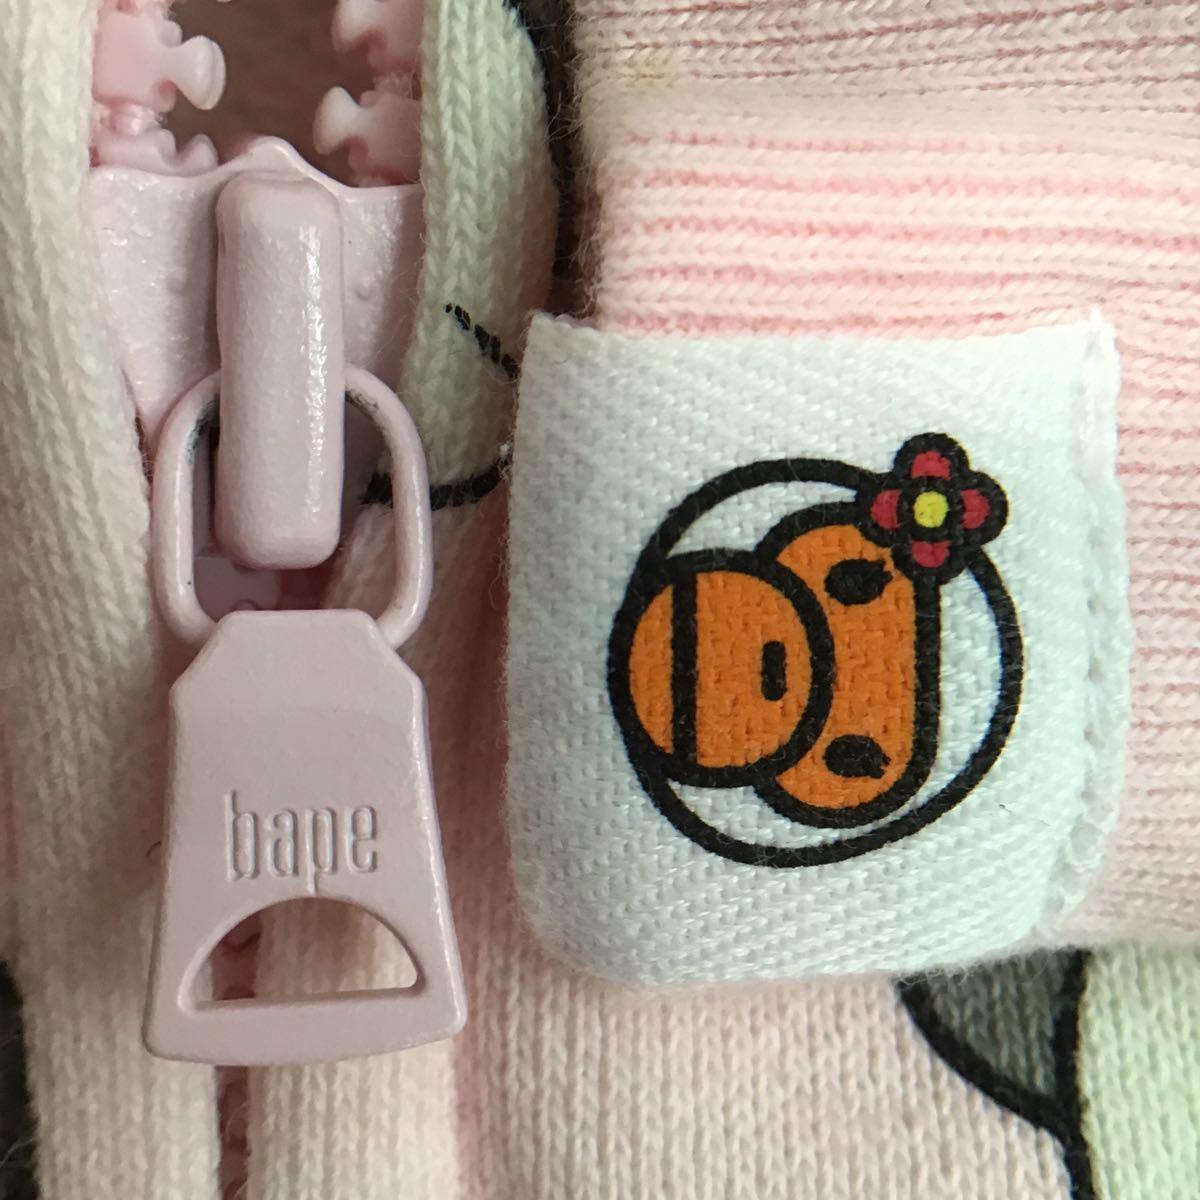 ★激レア★ kaws companion × milo パーカー shortサイズ a bathing ape bape hoodie カウズ エイプ ベイプ マイロ apee レディース pink